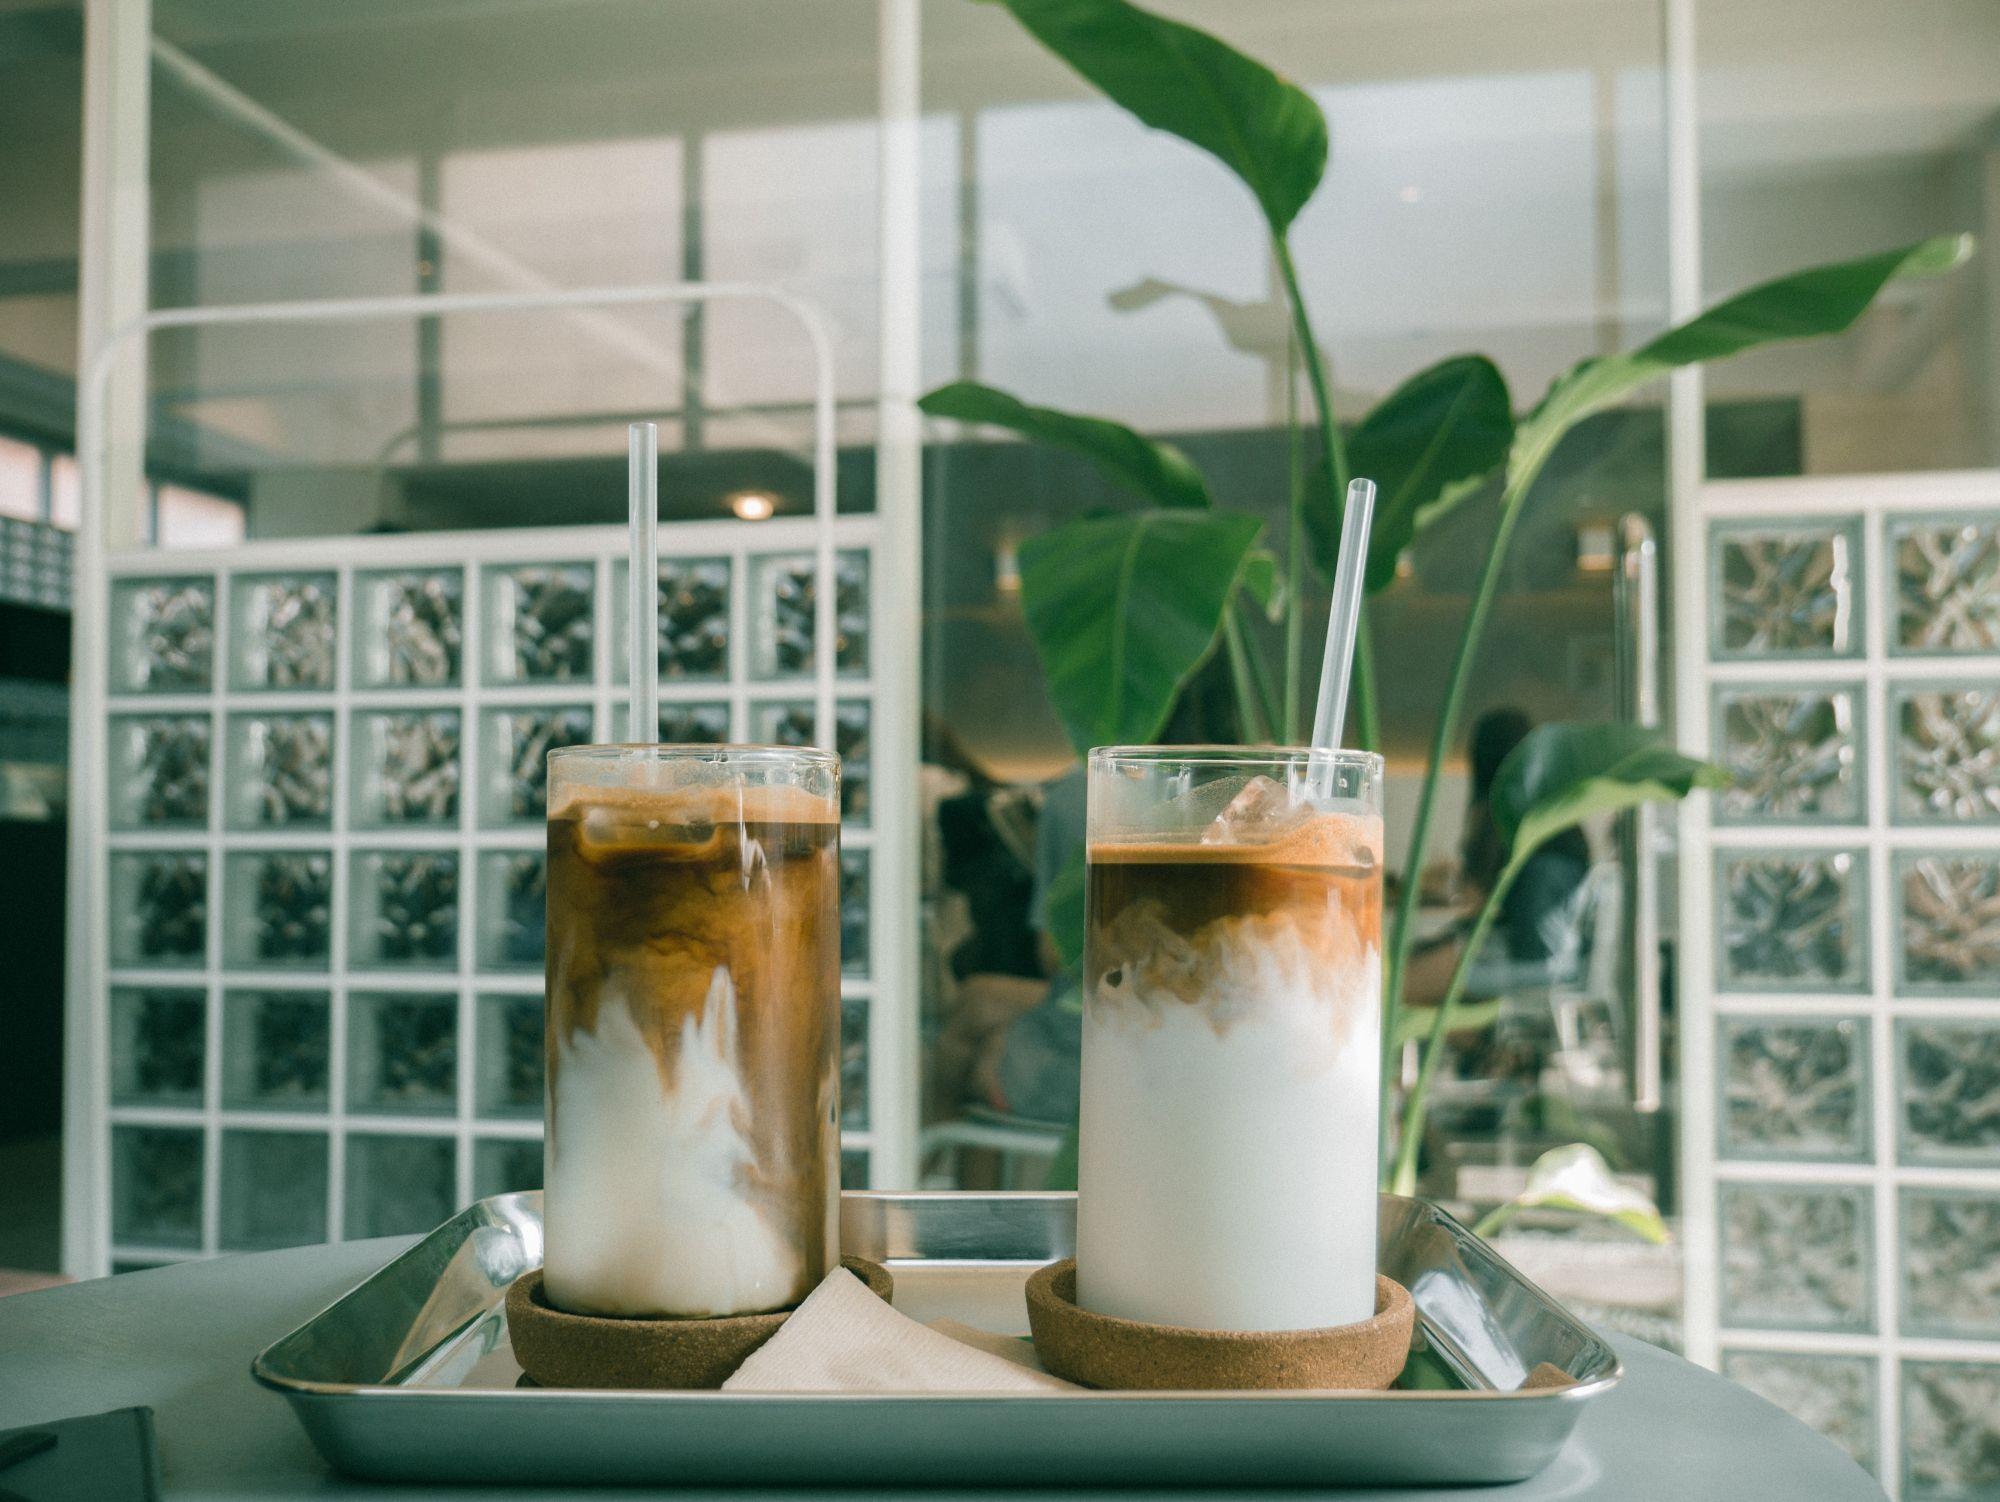 ไขความลับ! นมข้าวโอ๊ต ราชาแห่งน้ำนมพืชรายต่อไป!?